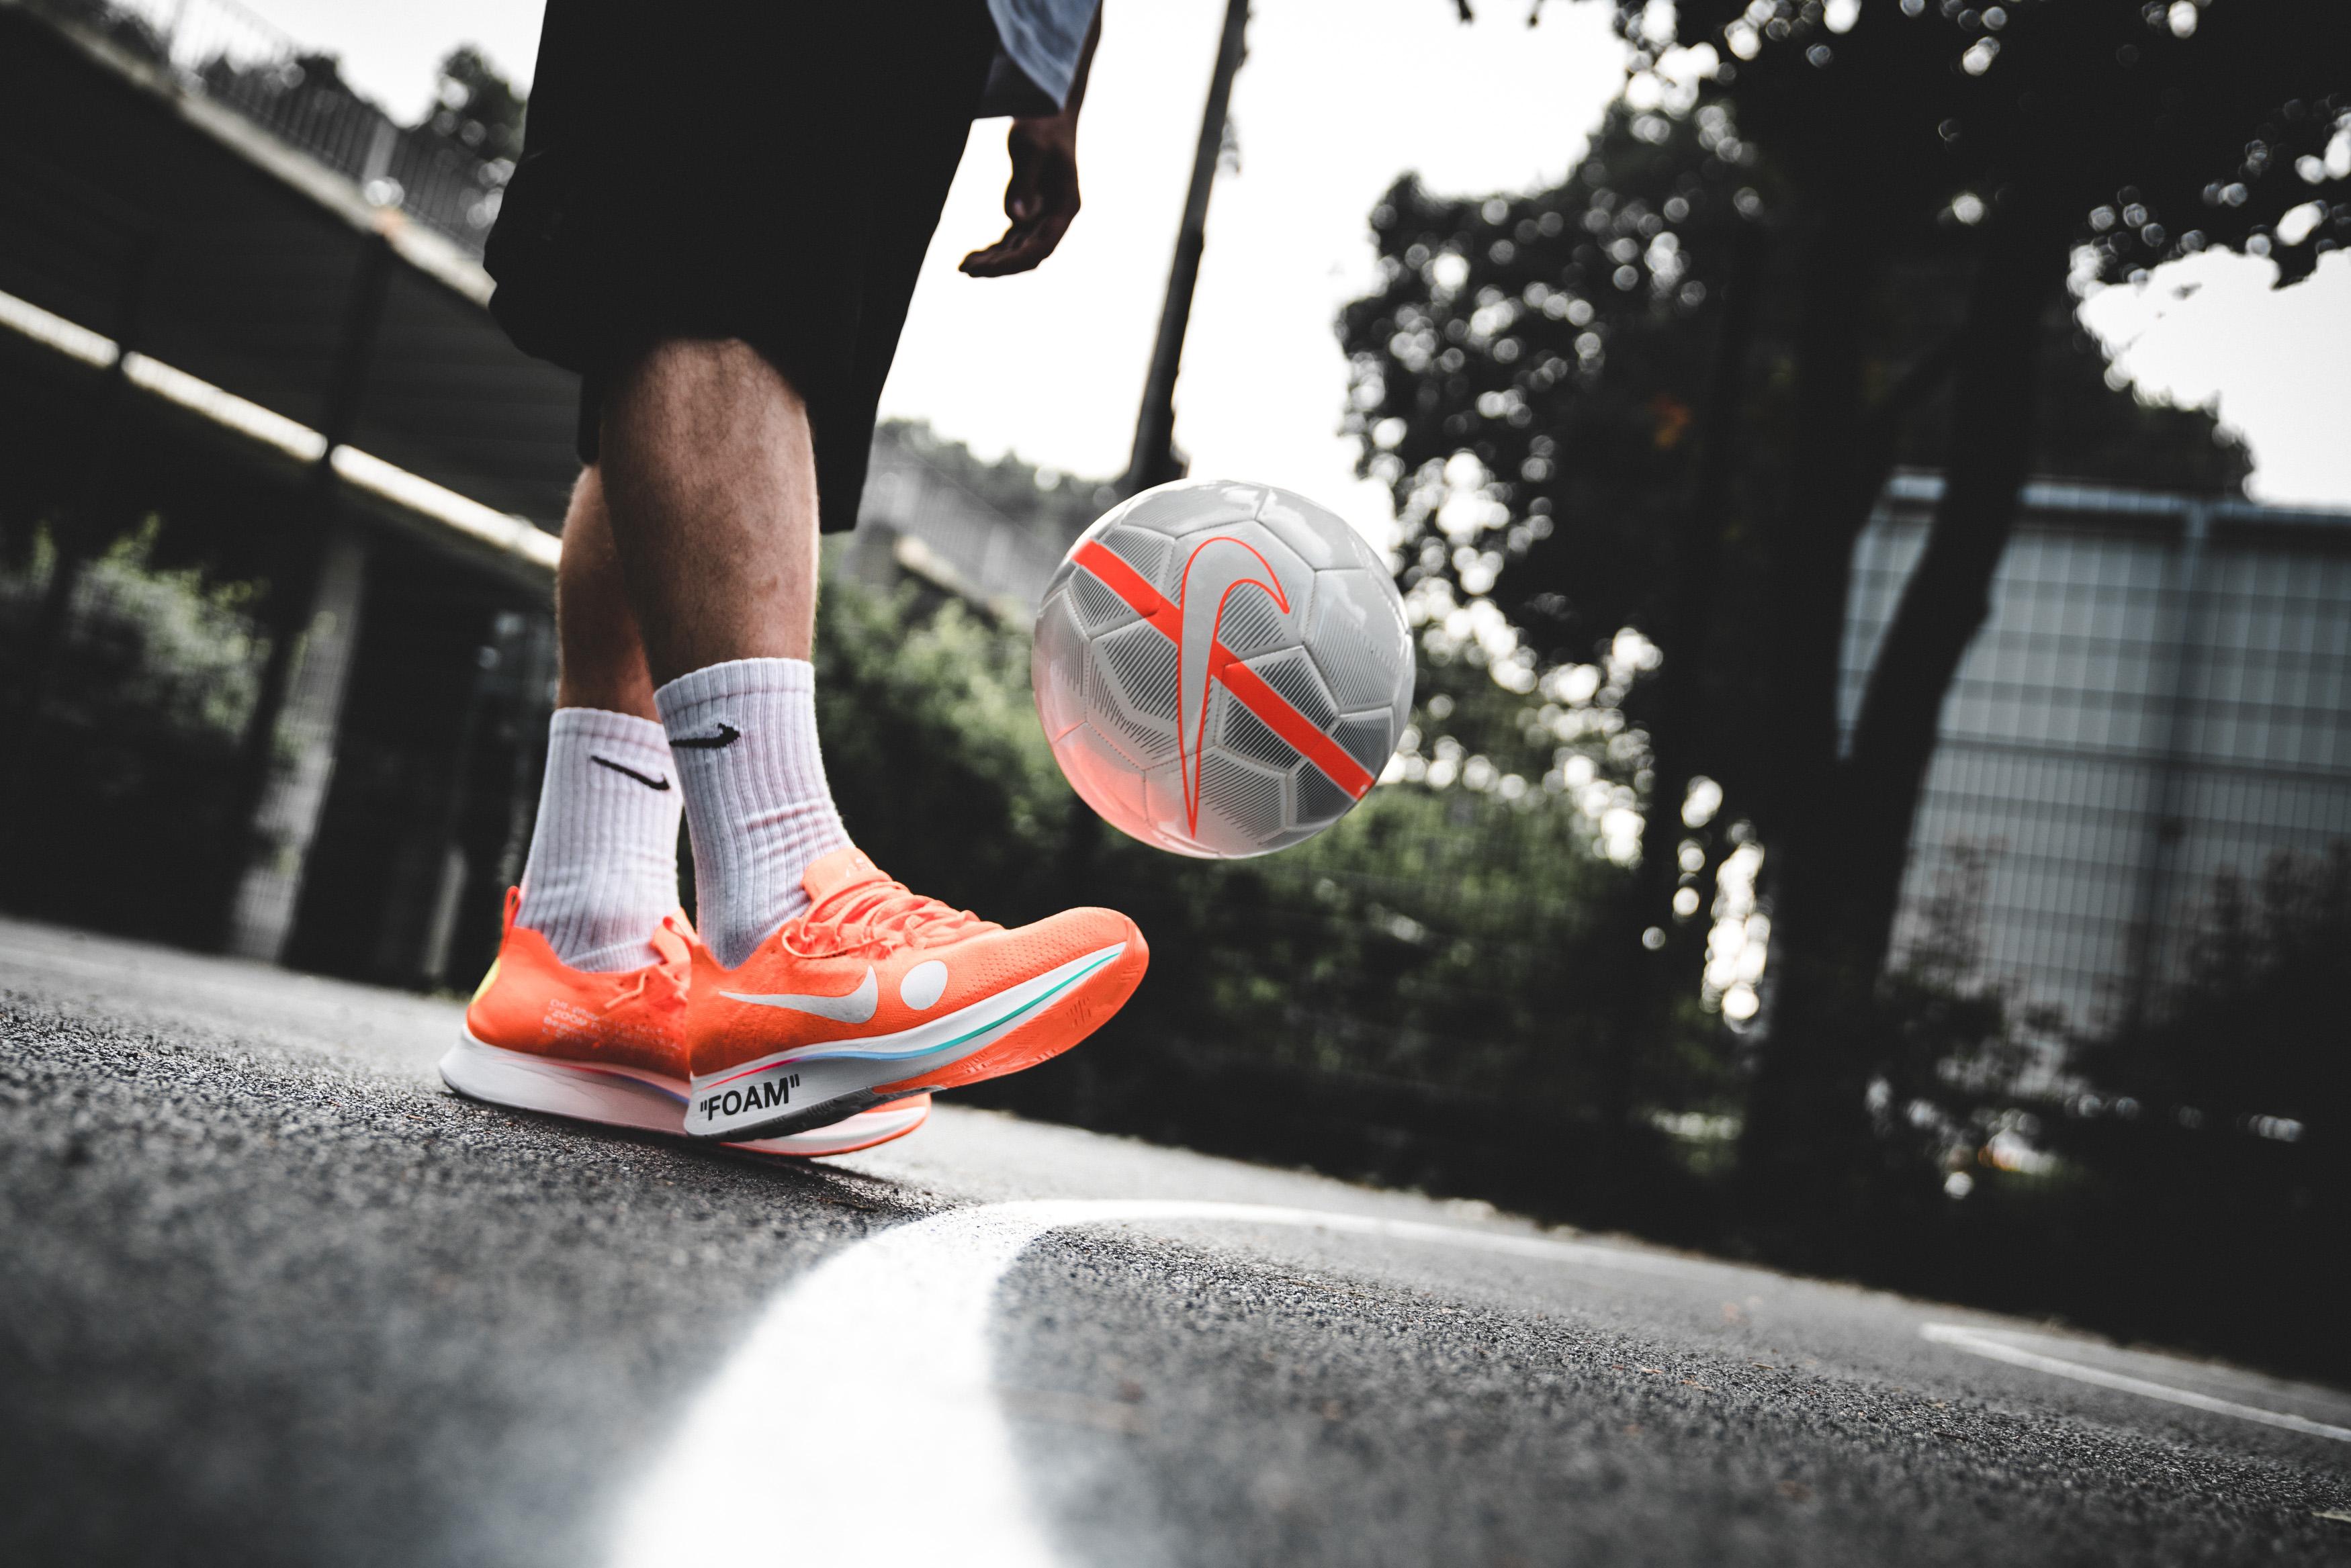 movimiento blusa Presta atención a  Nike x Off-White™ »Football, Mon Amour« - solebox Blog